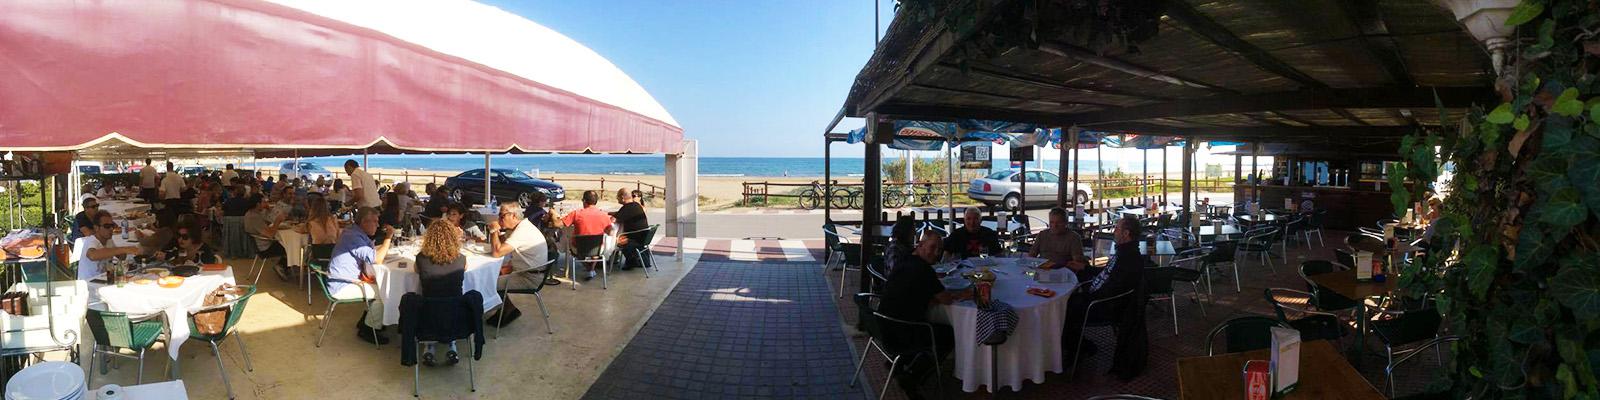 restaurante_el_arenal_alcocebre